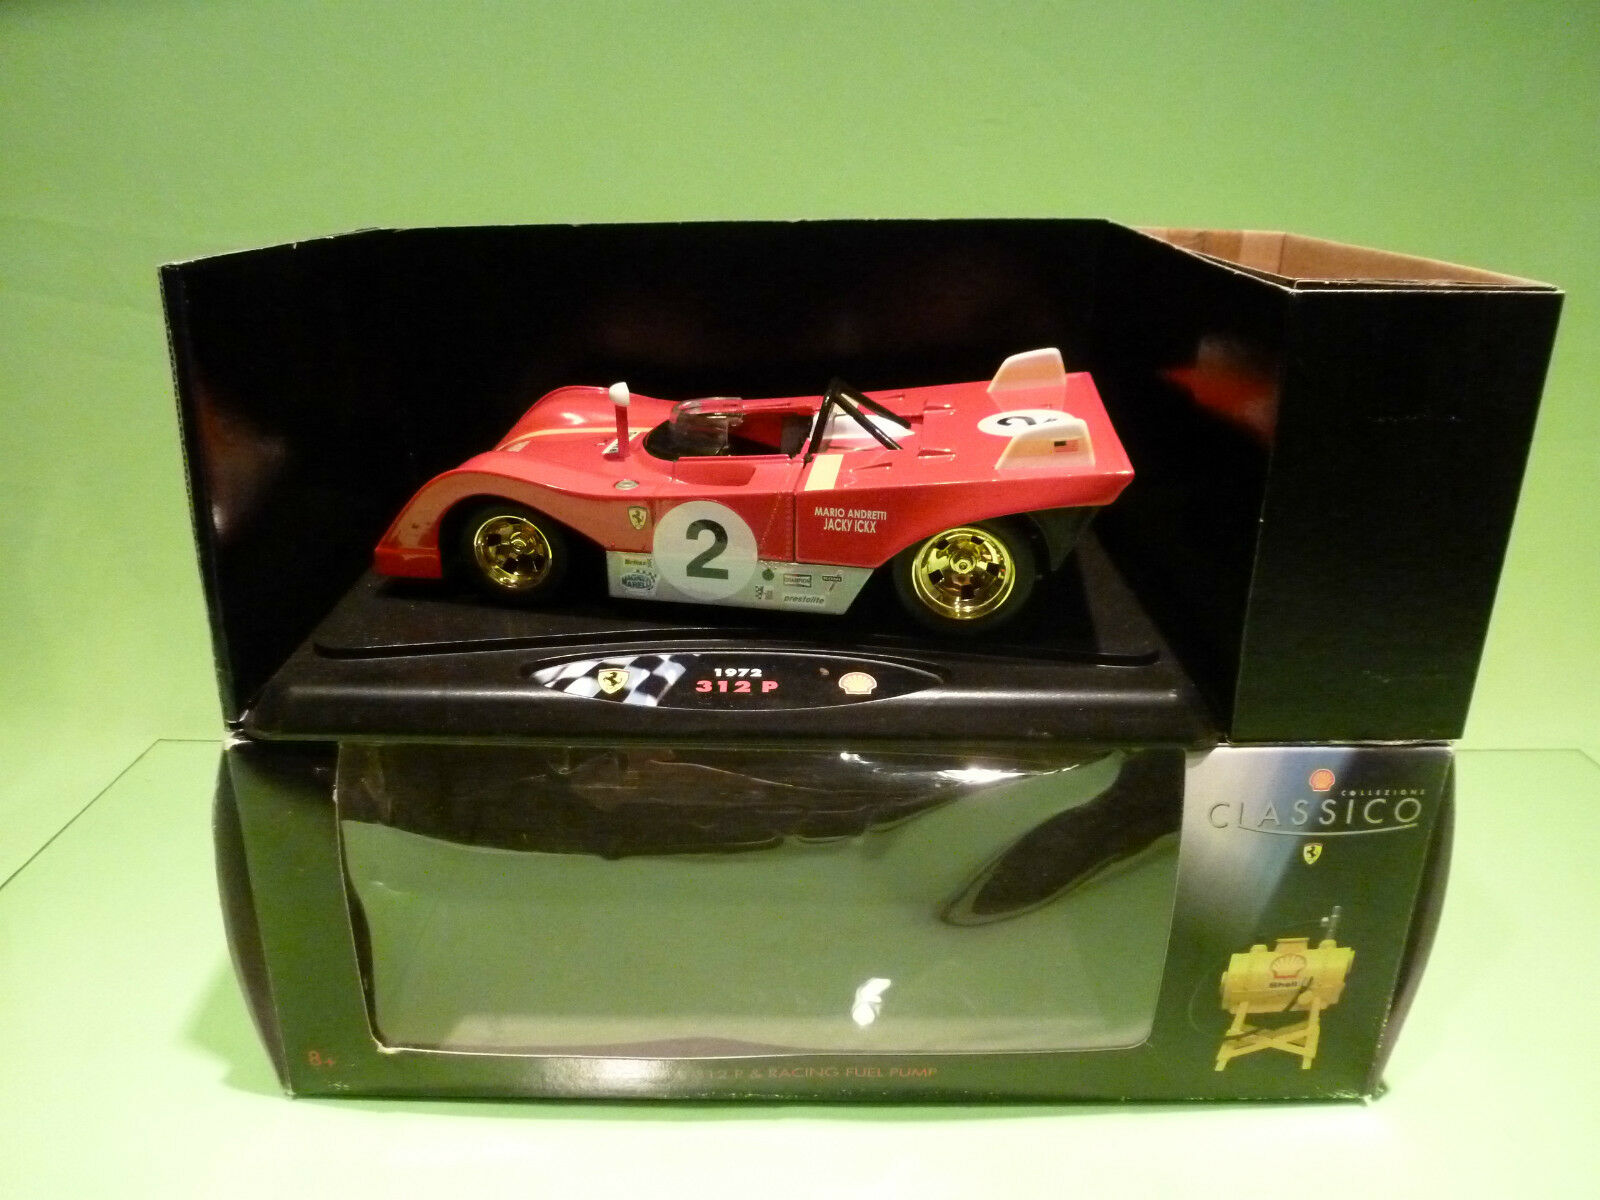 SHELL DUTCH PROMO 1 18  FERRARI 312 P 1972 ICKX - RARE SELTEN - NEAR MINT IN BOX